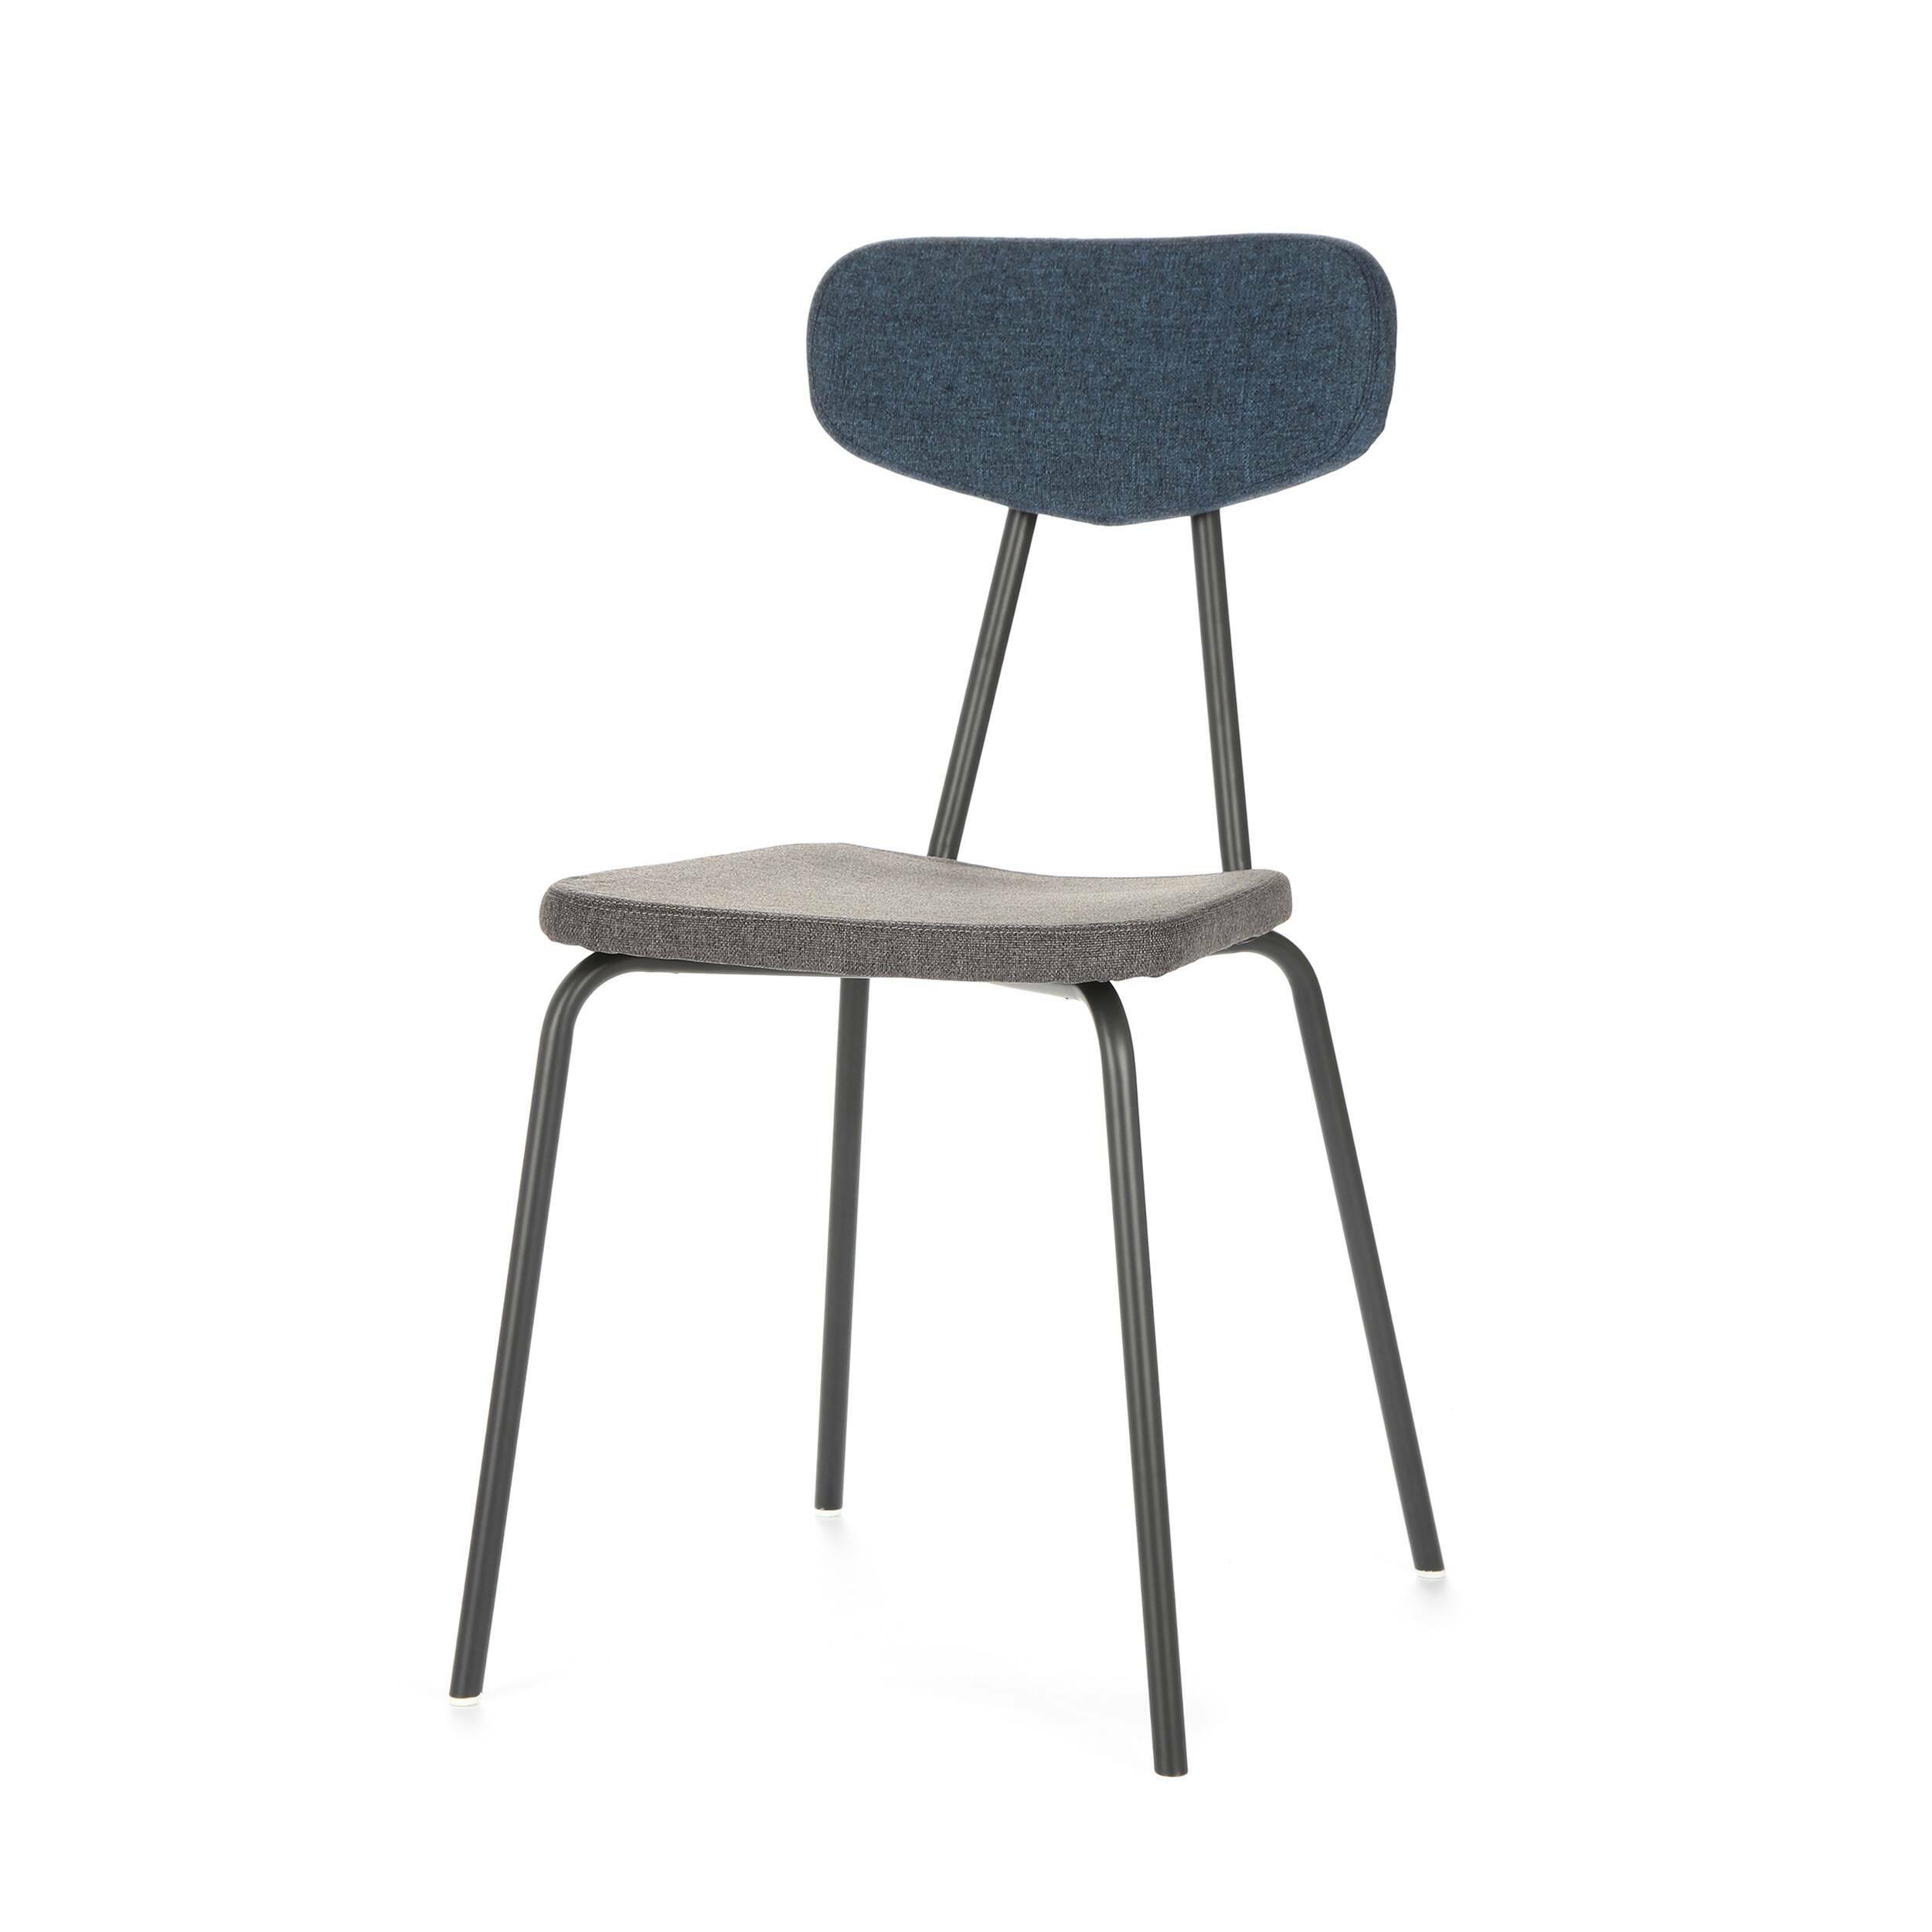 Стул Pavesino 2Интерьерные<br>Простой, классической формы стул Pavesino 2 словно создан дополнять уже готовый интерьер, оттенять его своими строгими, элегантными линиями и формой. Это добротный, универсальный стул, который благодаря отсутствию излишних деталей и декора легко впишется практически в любой тип помещения. Однако итальянский дизайнер Сильвия Марлия все же придала ему свою особенную изюминку — стул обладает очень красивым сочетанием цветов и материалов.<br><br><br> Каркас стула изготовлен из прочной стали темног...<br><br>stock: 17<br>Высота: 81,5<br>Высота сиденья: 47<br>Ширина: 46,5<br>Глубина: 57<br>Цвет спинки: Синий<br>Материал спинки: Полиэстер<br>Тип материала каркаса: Сталь<br>Материал сидения: Полиэстер<br>Цвет сидения: Графит<br>Тип материала спинки: Ткань<br>Тип материала сидения: Ткань<br>Коллекция ткани: Gabriel Fabric<br>Цвет каркаса: Темно-серый матовый